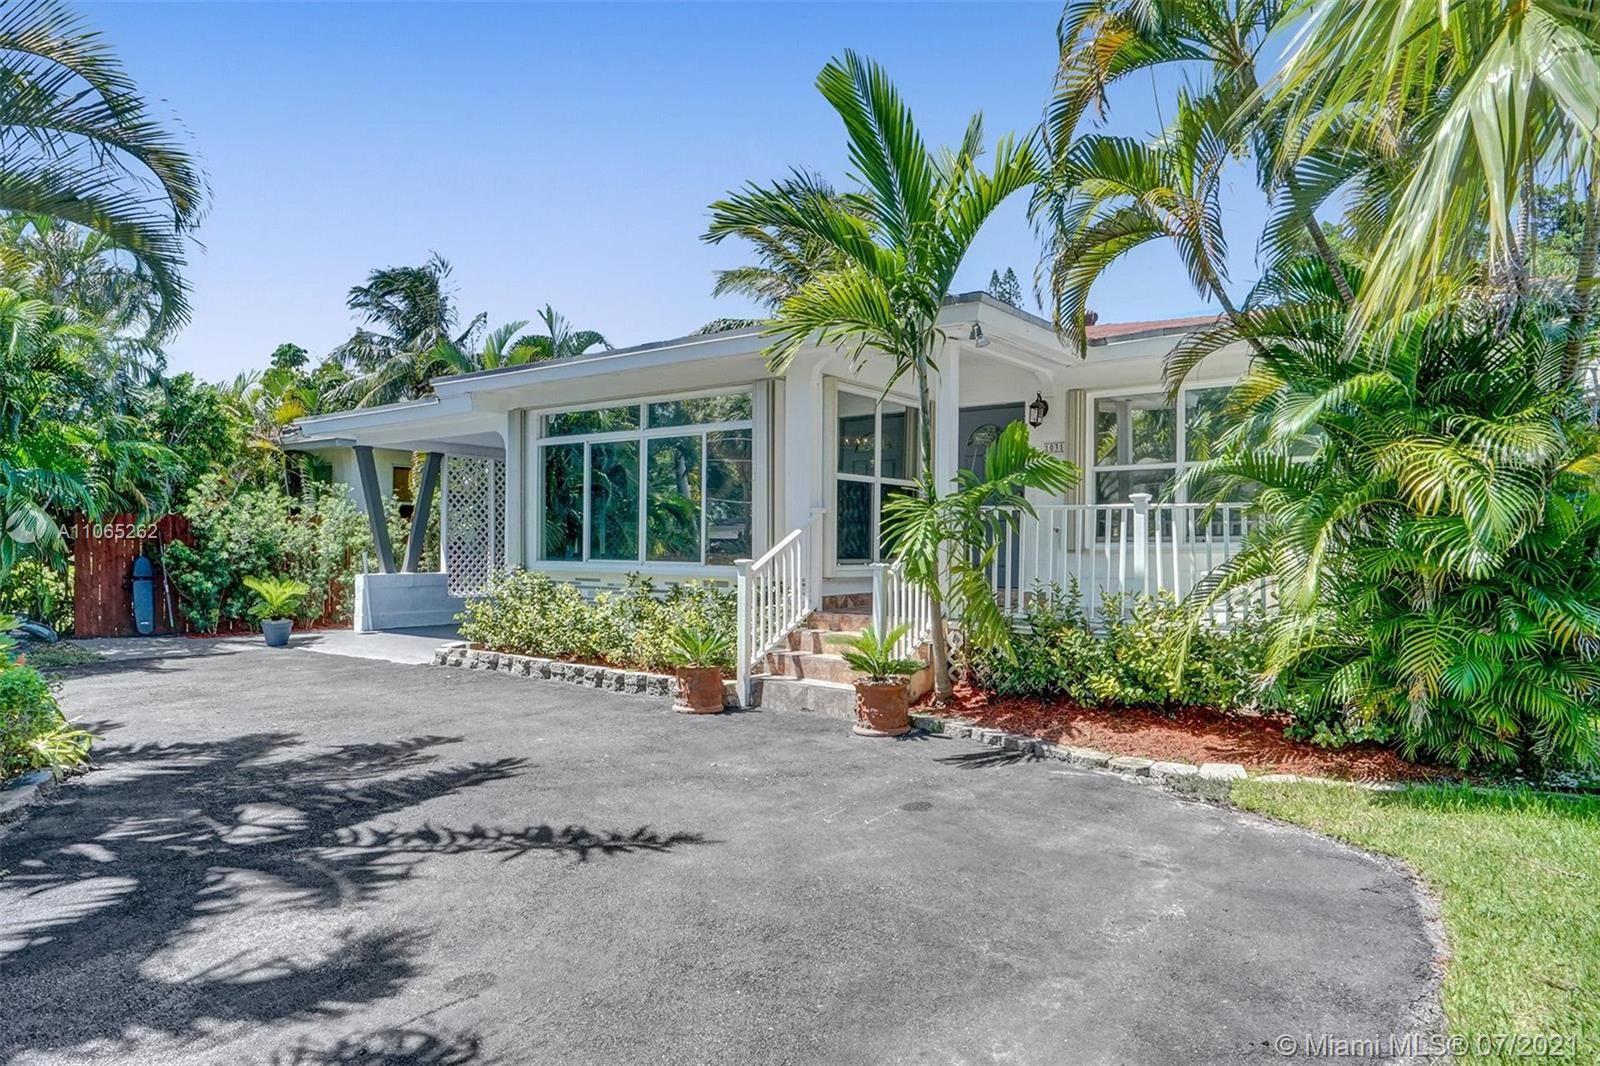 1031 NE Little River Dr, Miami, FL 33138 - #: A11065262